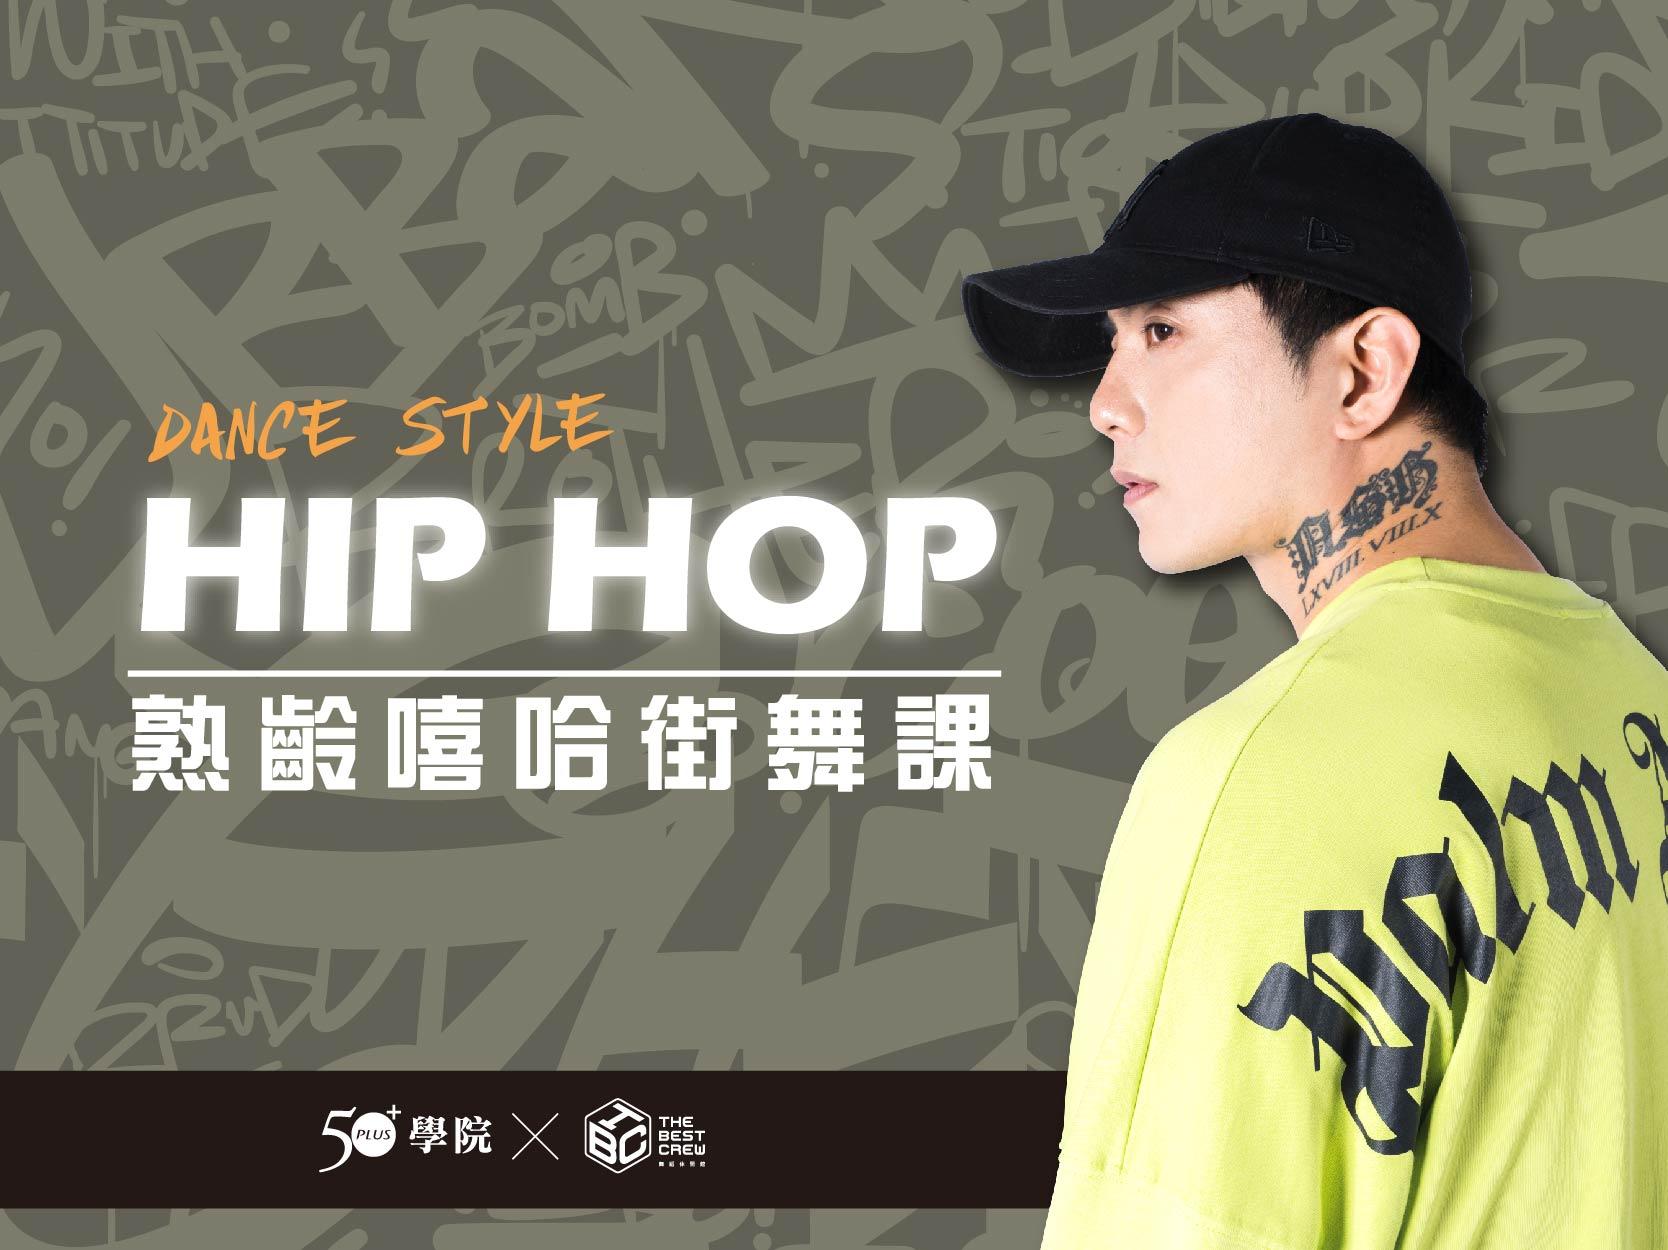 【50+學院xTBC】熟齡嘻哈街舞課:HIPHOP